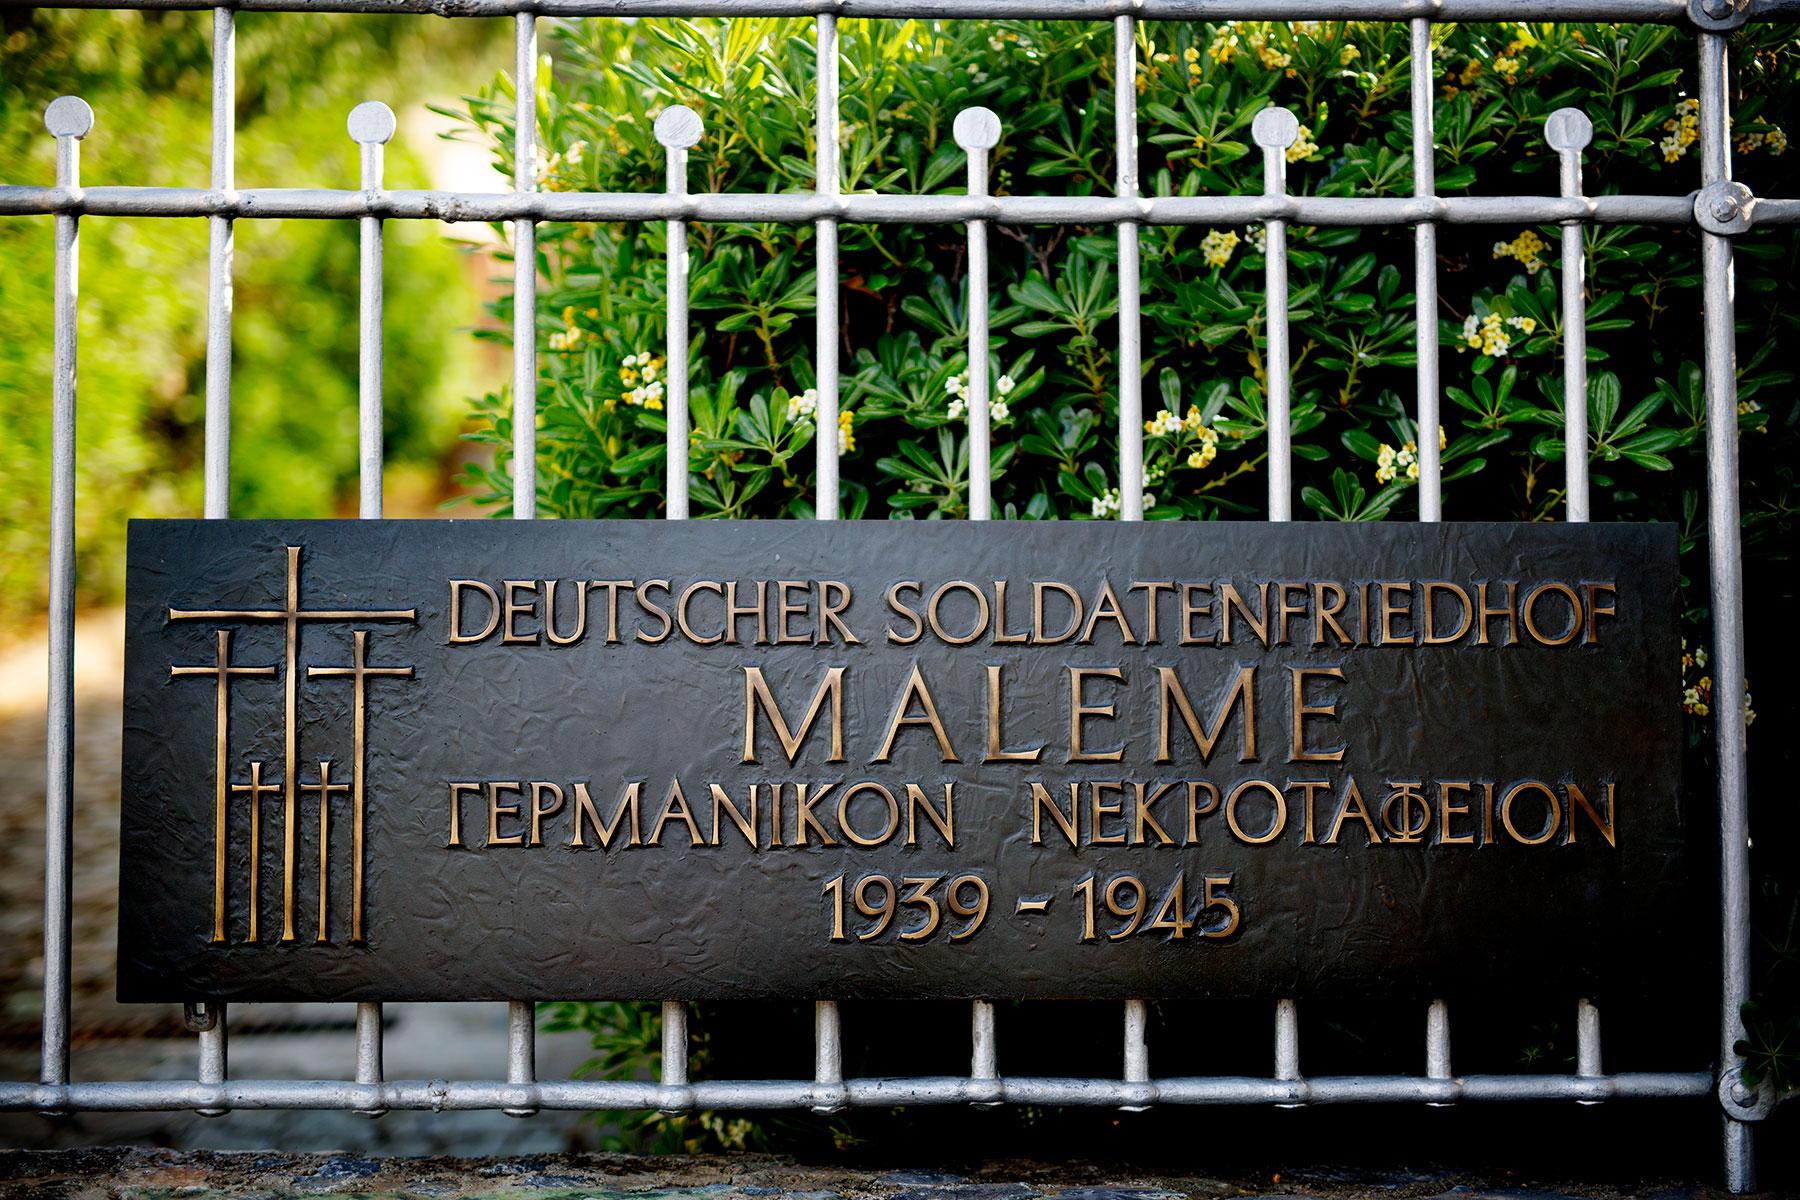 blogg-190501deutschersoldatenfriedhof1.jpg